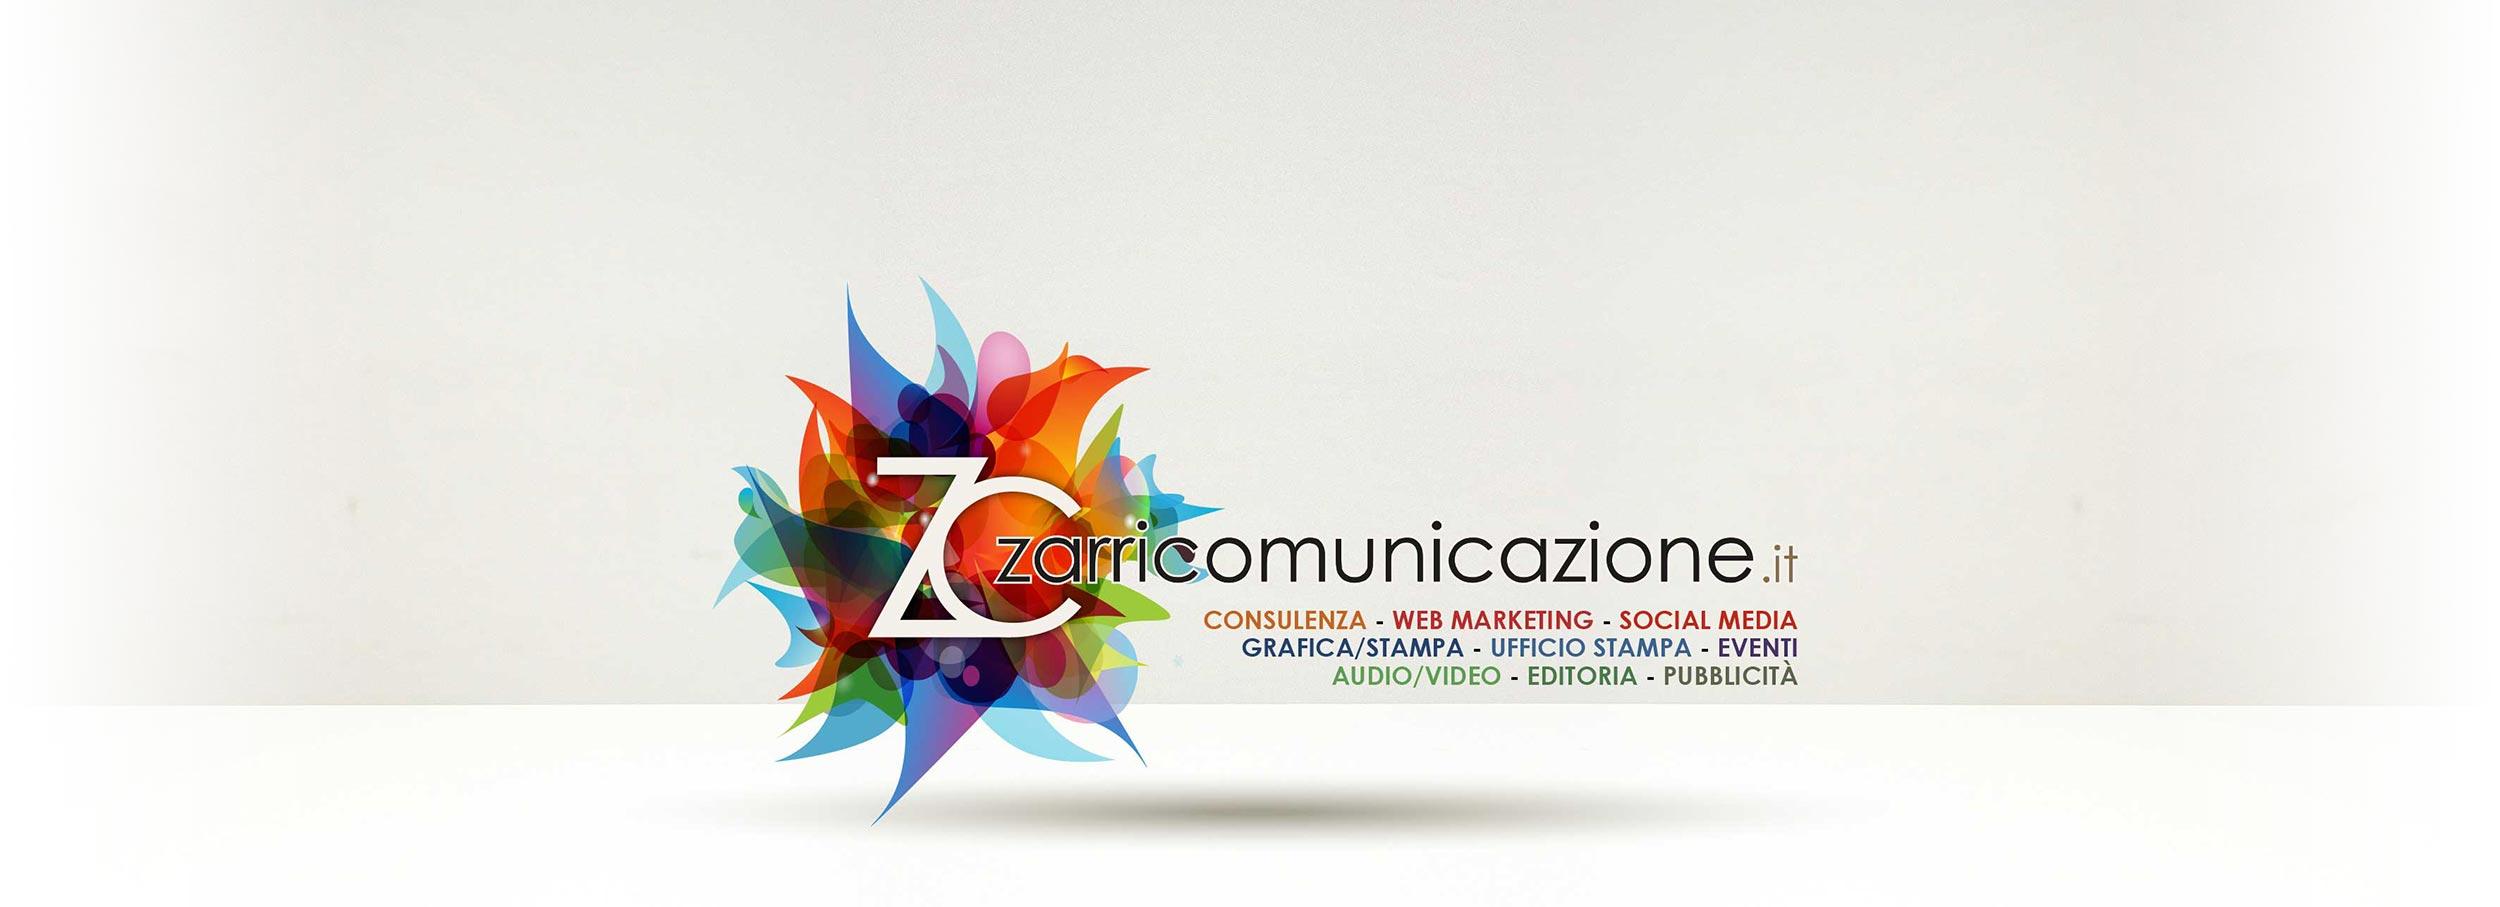 zarri comunicazione